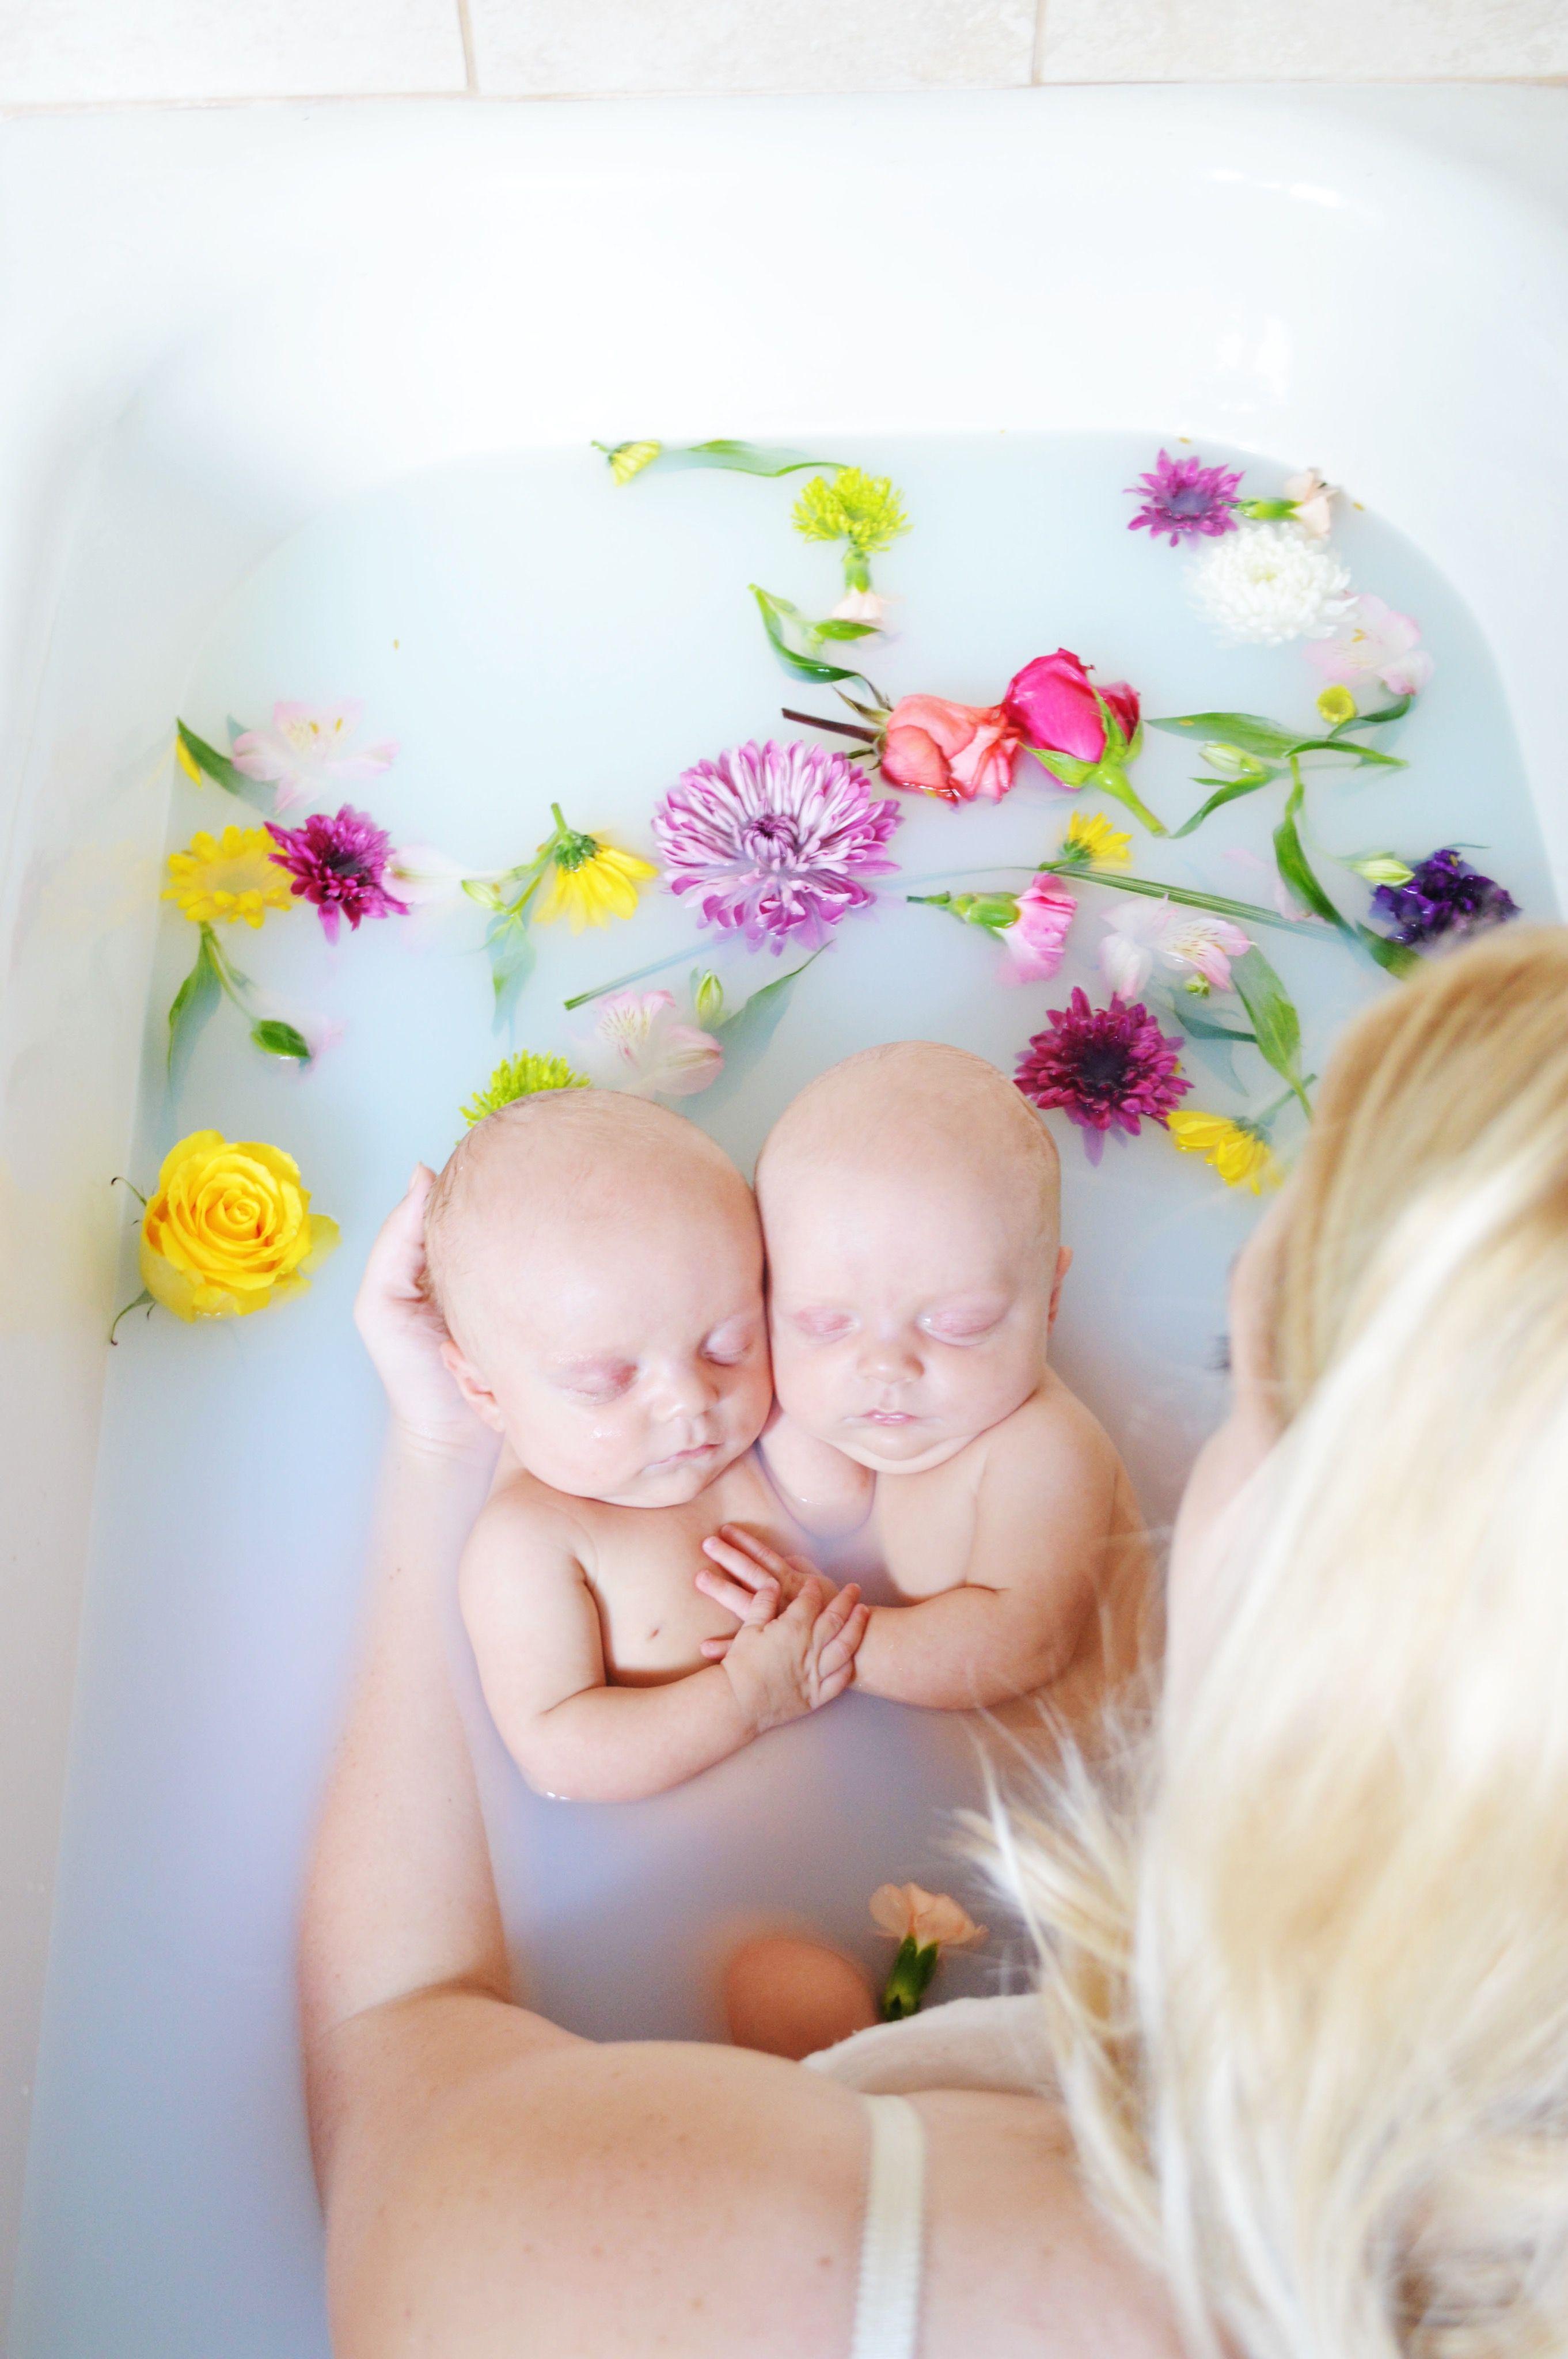 twins, milk bath, flower bath, photography